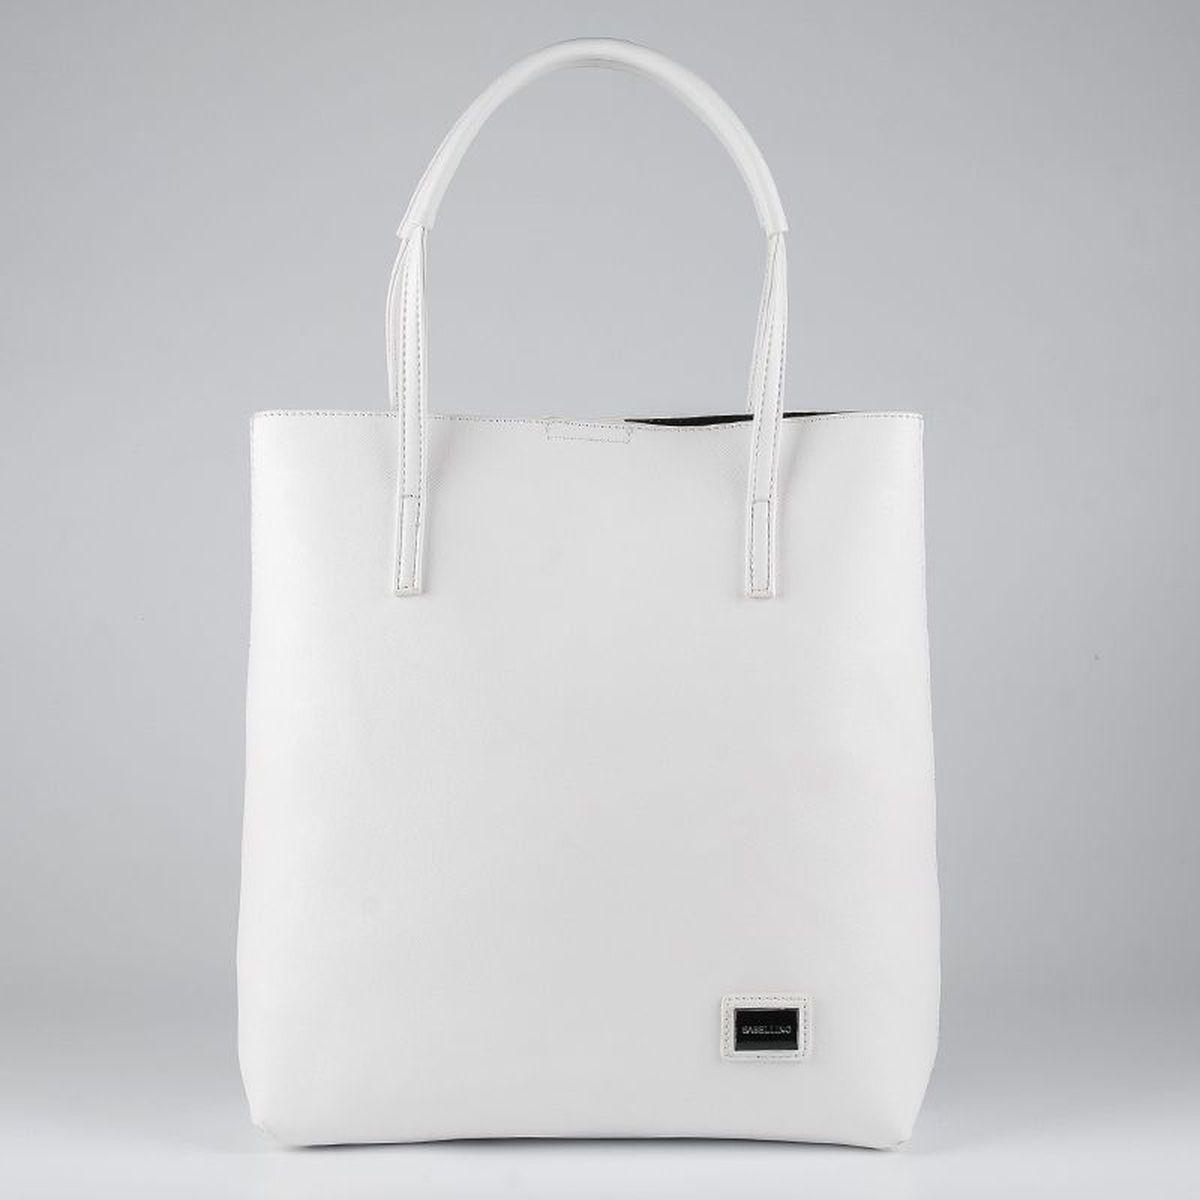 99b29bed8aa7 Сумка-шоппер женская Sabellino, цвет: белый. ЖС1512110_5 — купить в  интернет-магазине OZON.ru с быстрой доставкой